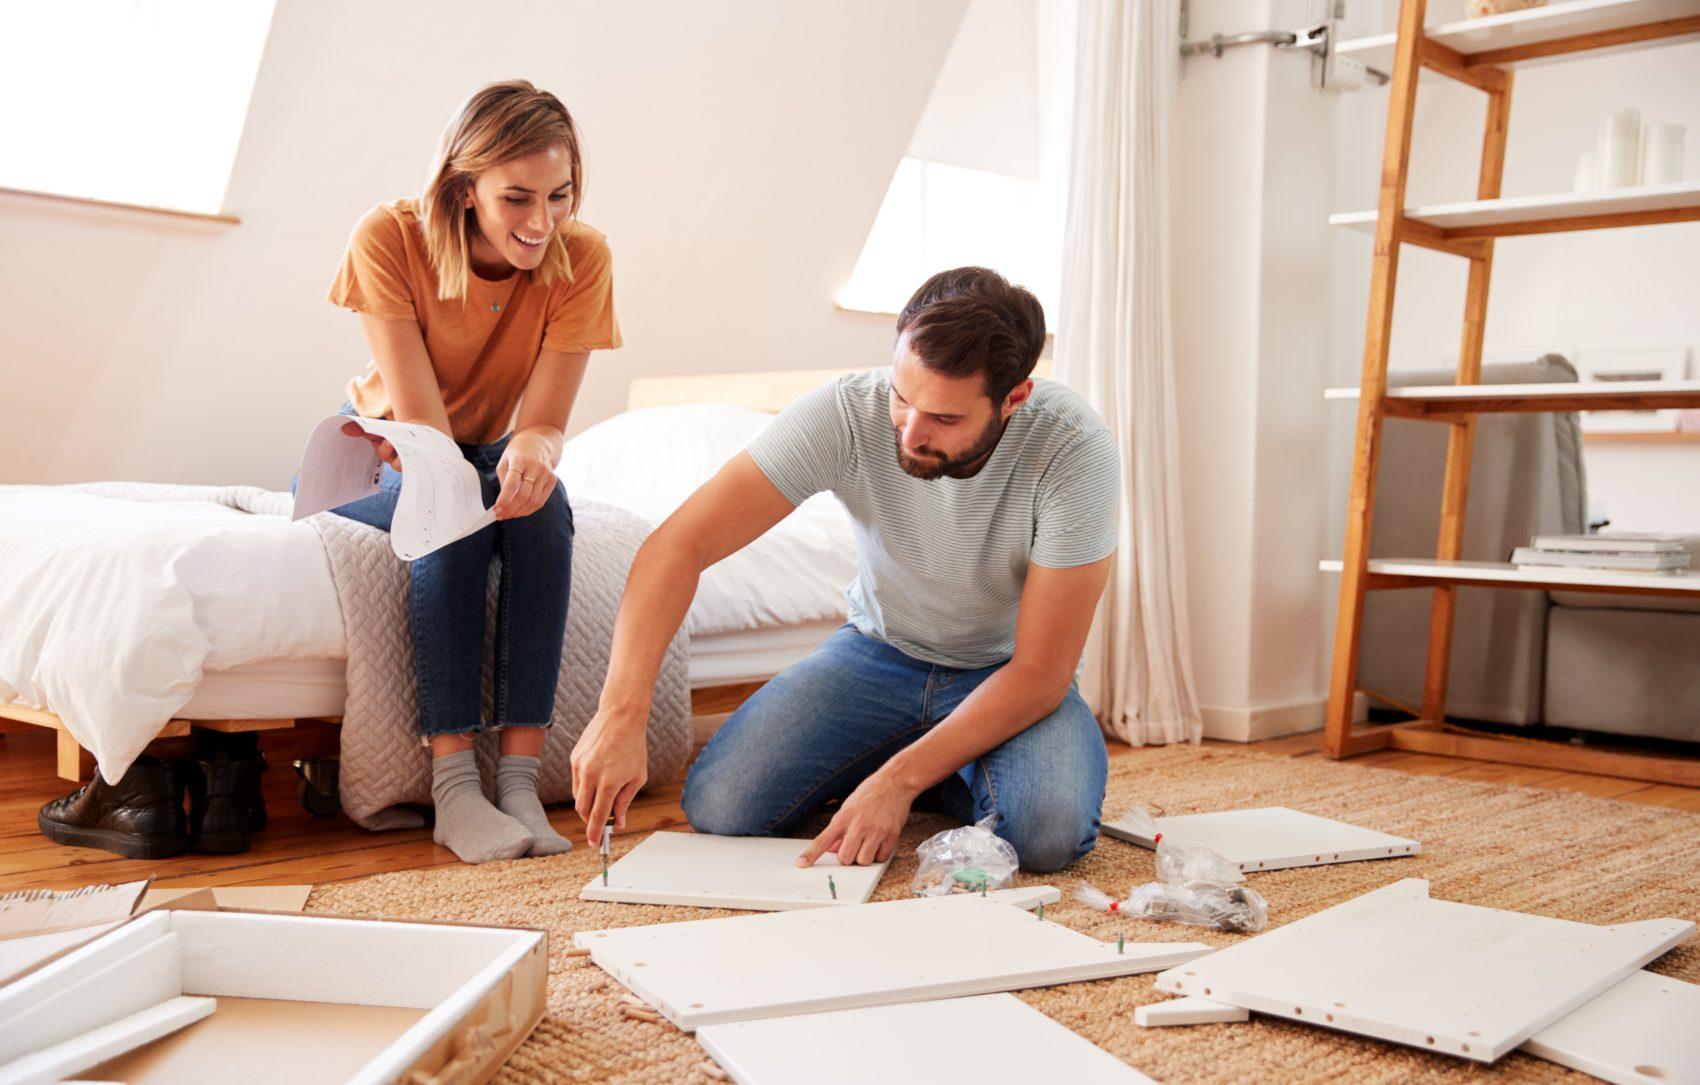 Ventajas de comprar muebles Kit